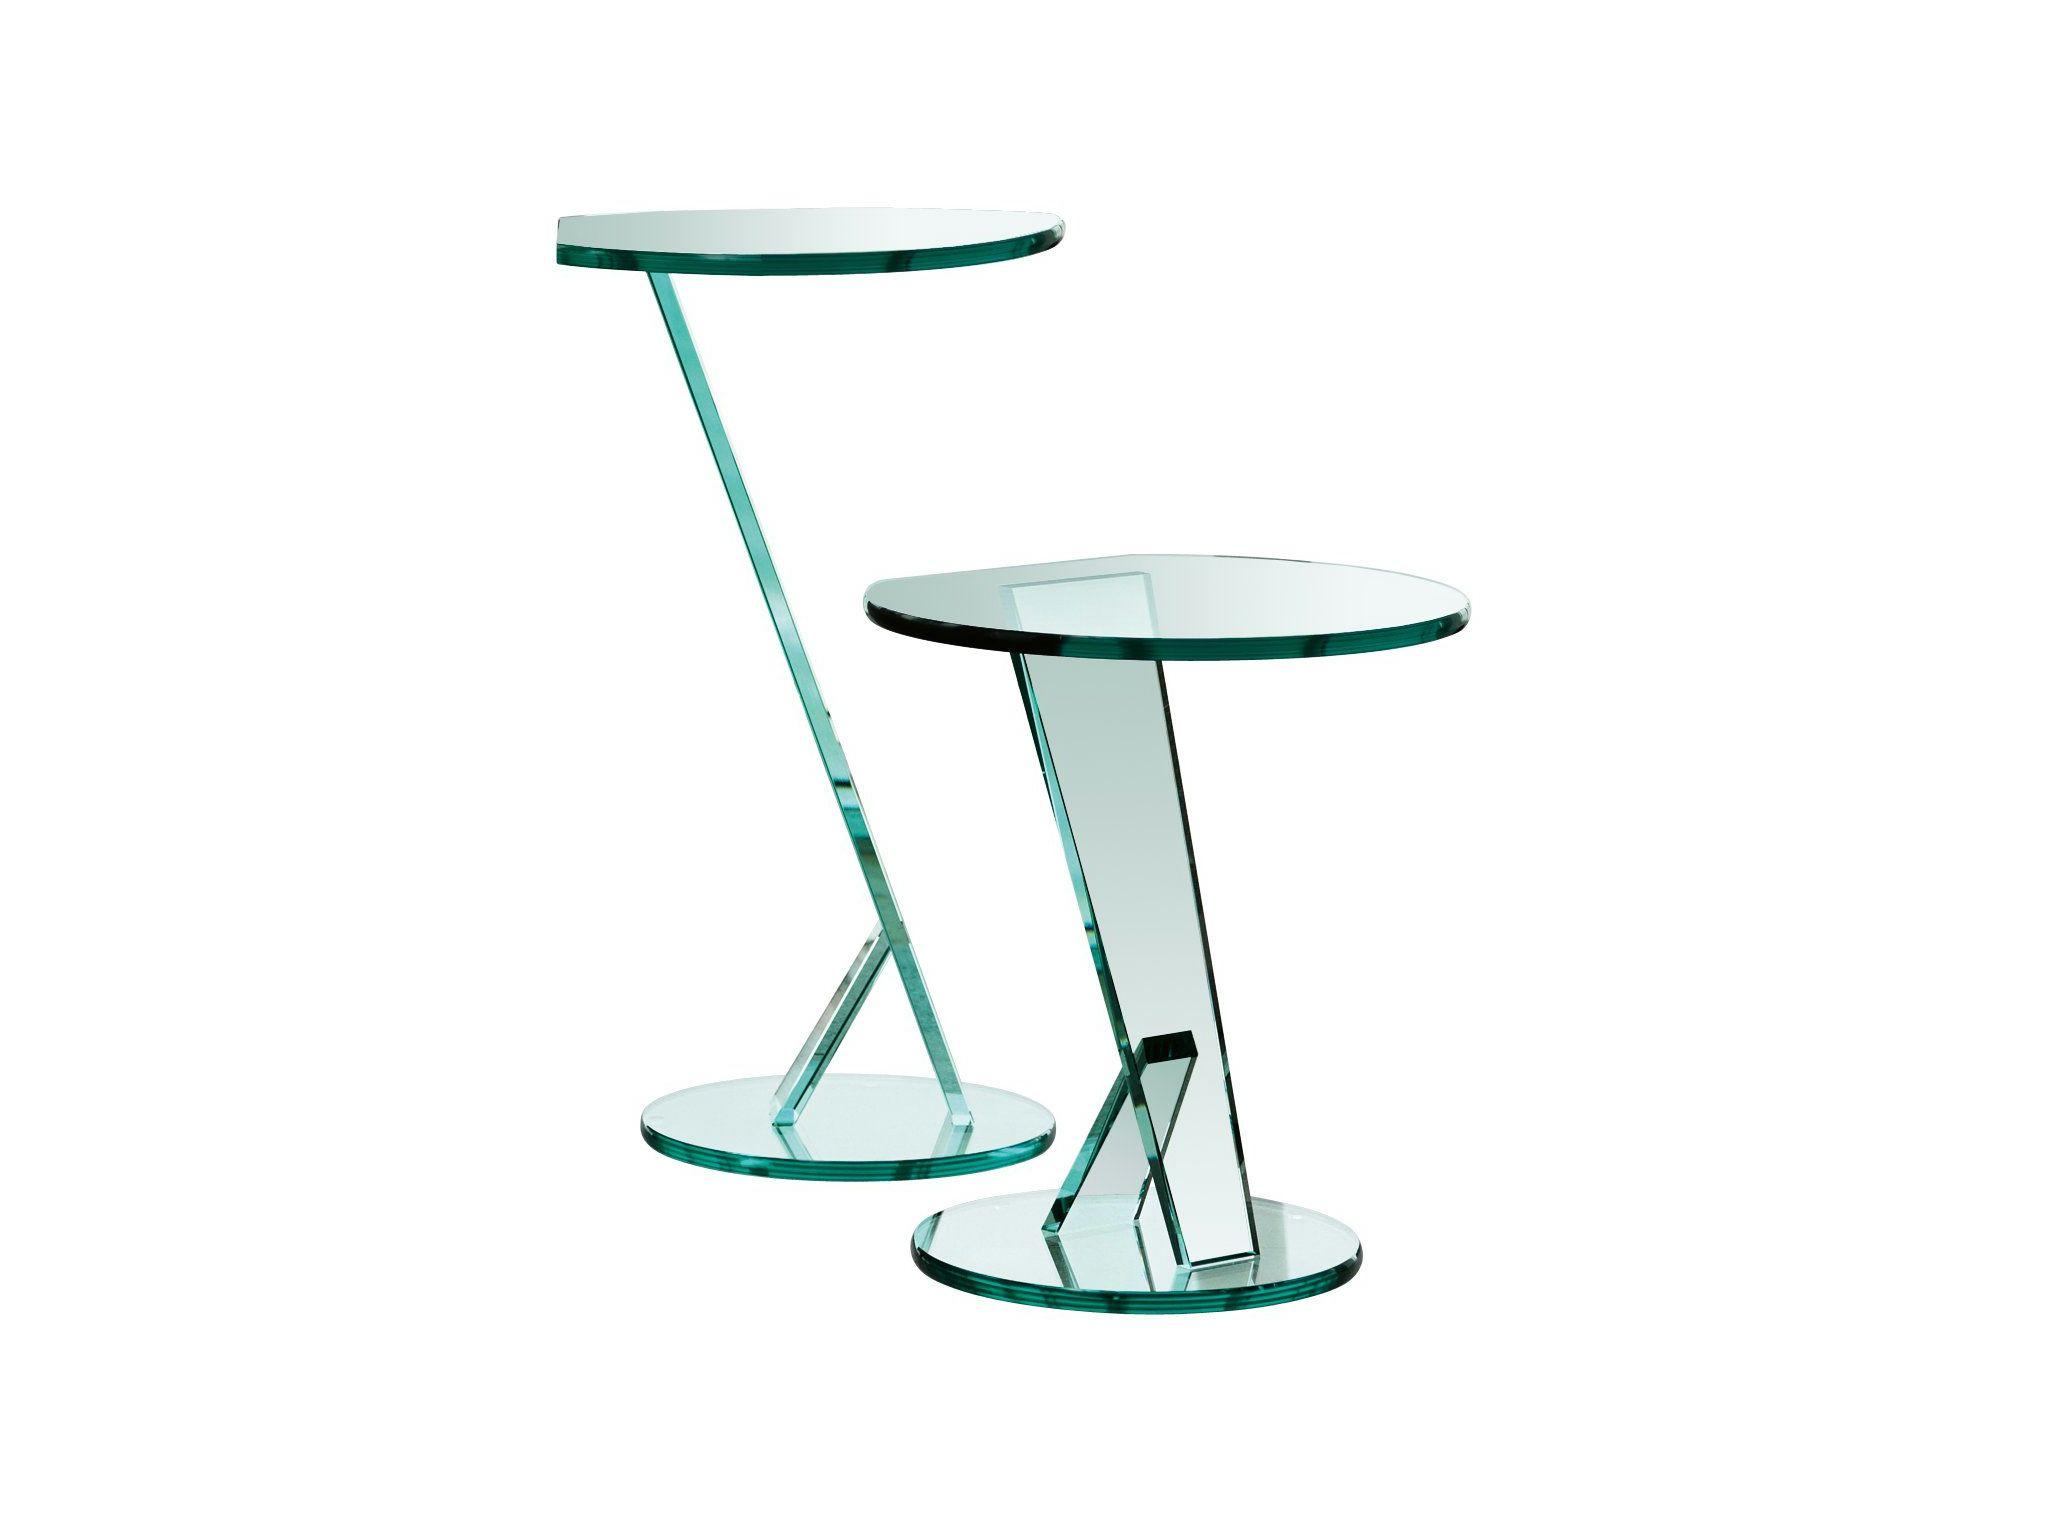 Beistelltisch aus glas nicchio by t d tonelli design for Beistelltisch design glas